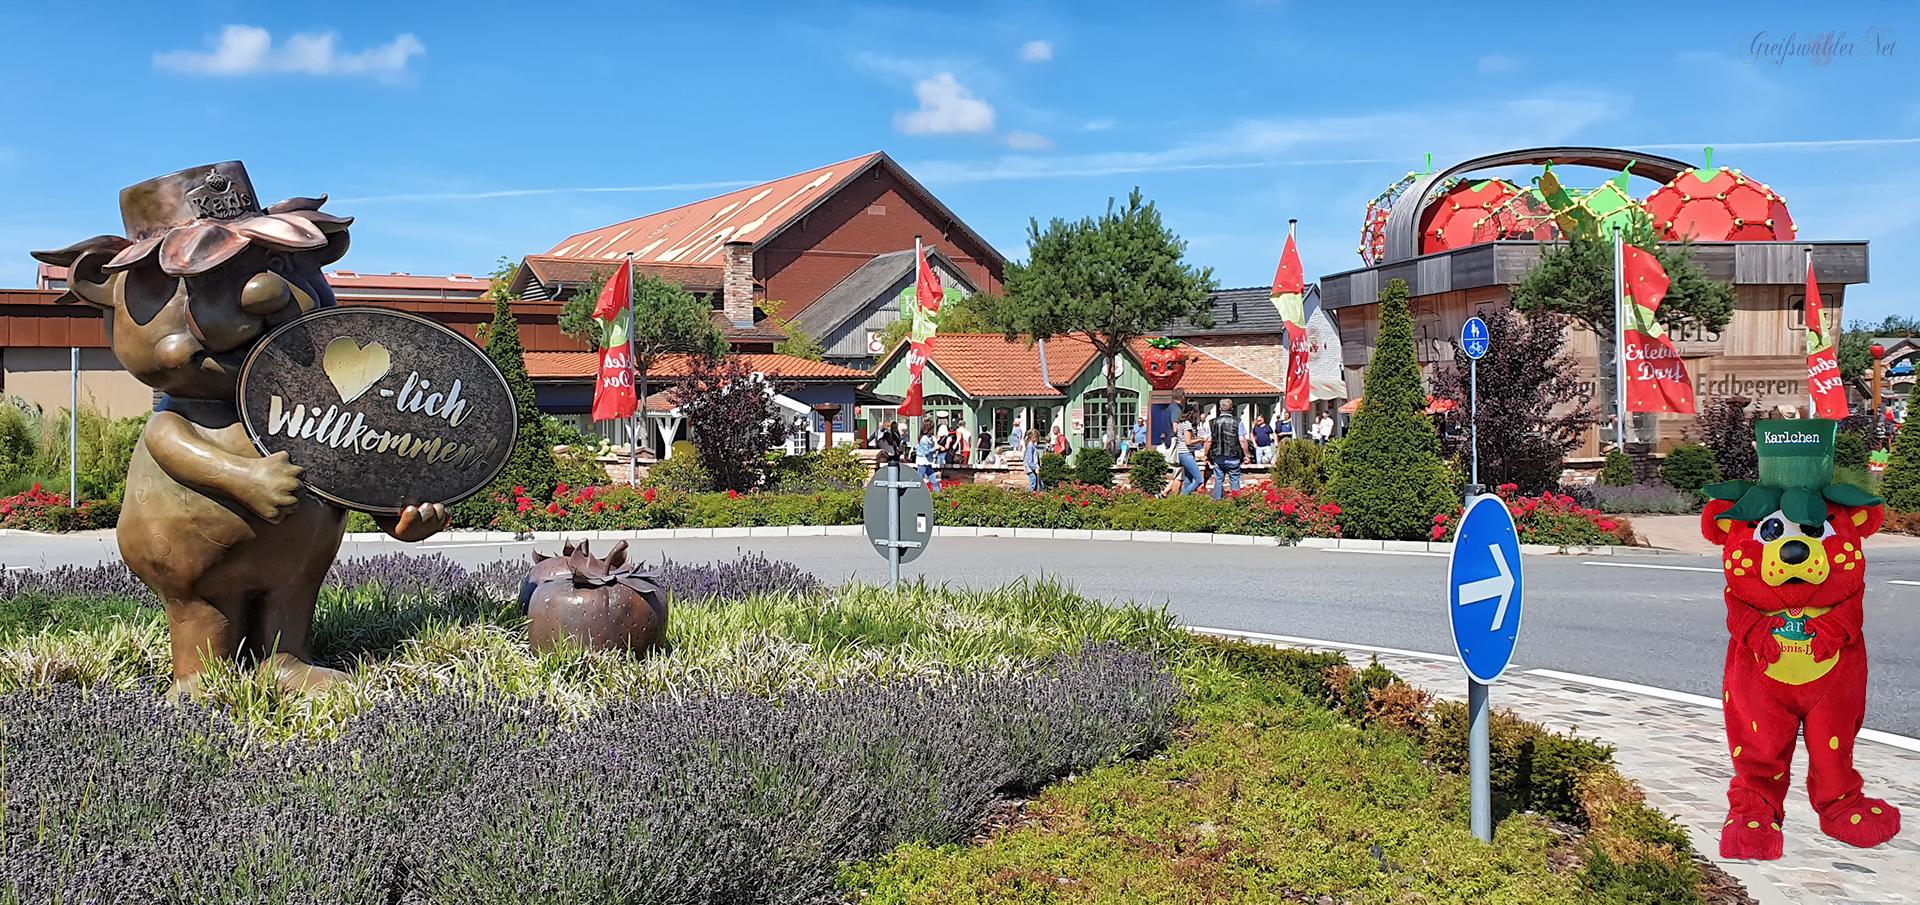 Karls Erlebnis-Dorf - Freizeitpark Rövershagen